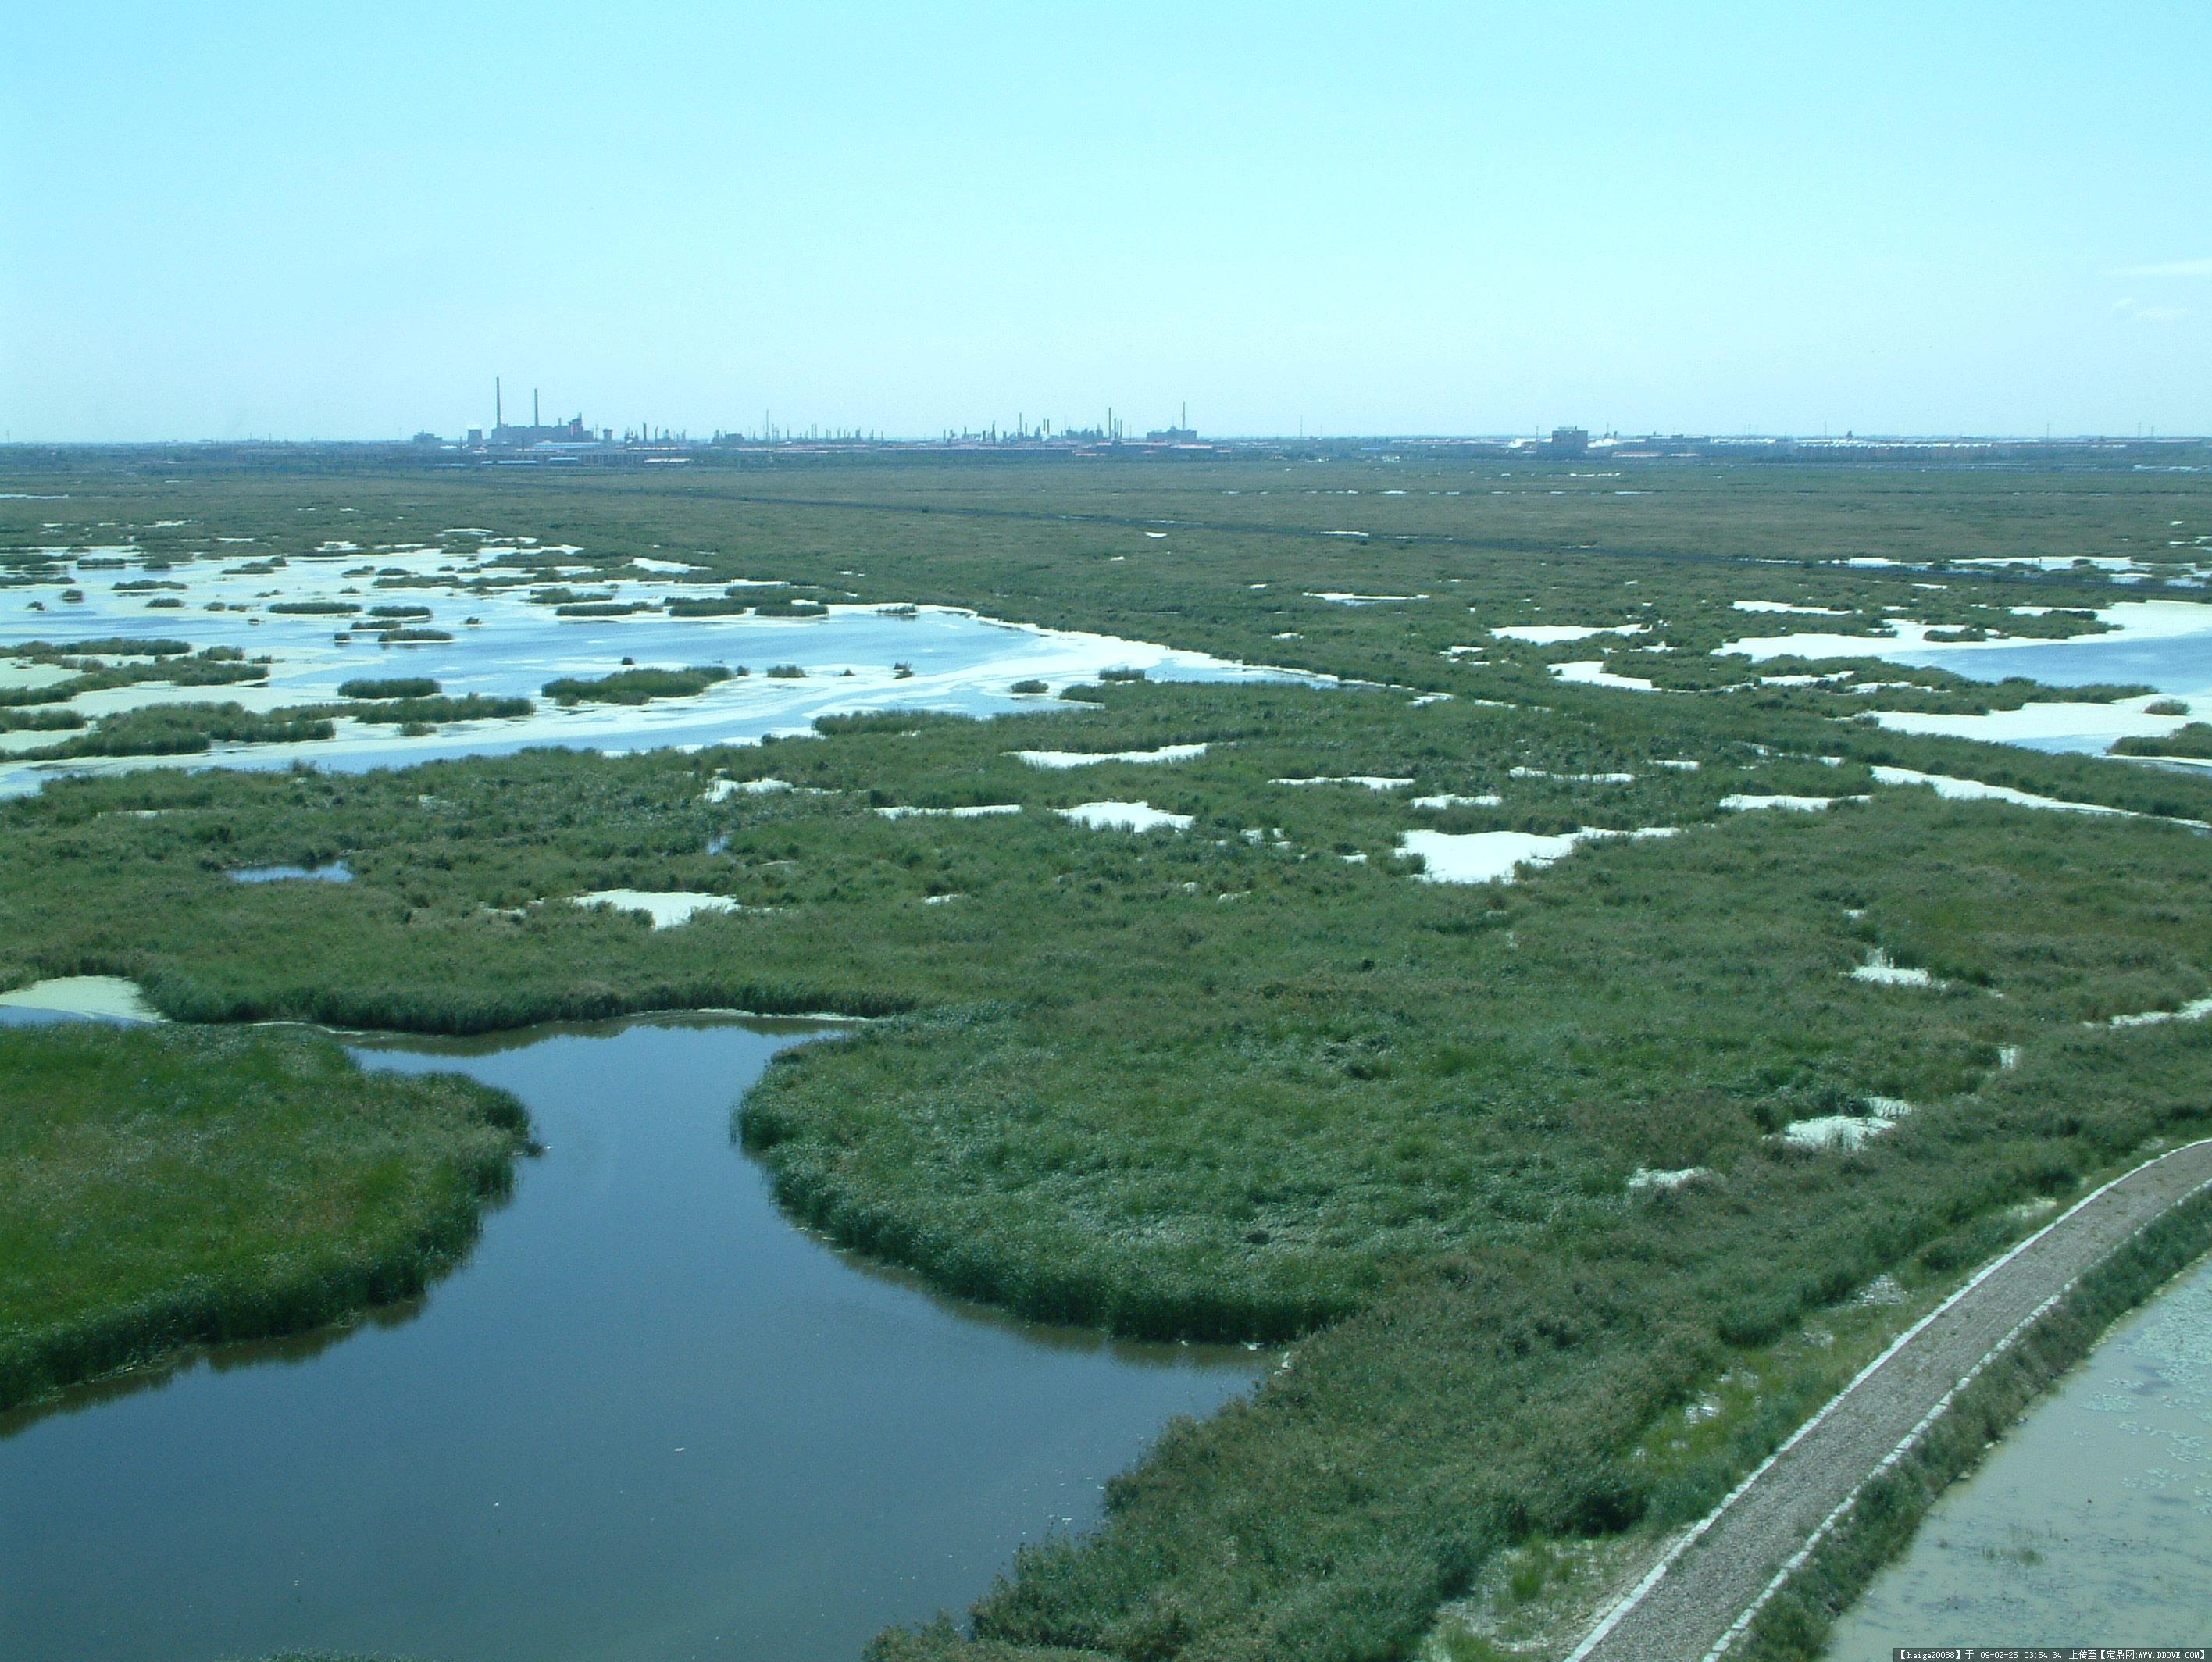 四川最美的风景区图片大全 最美的地方 之风景区名单 新闻图片